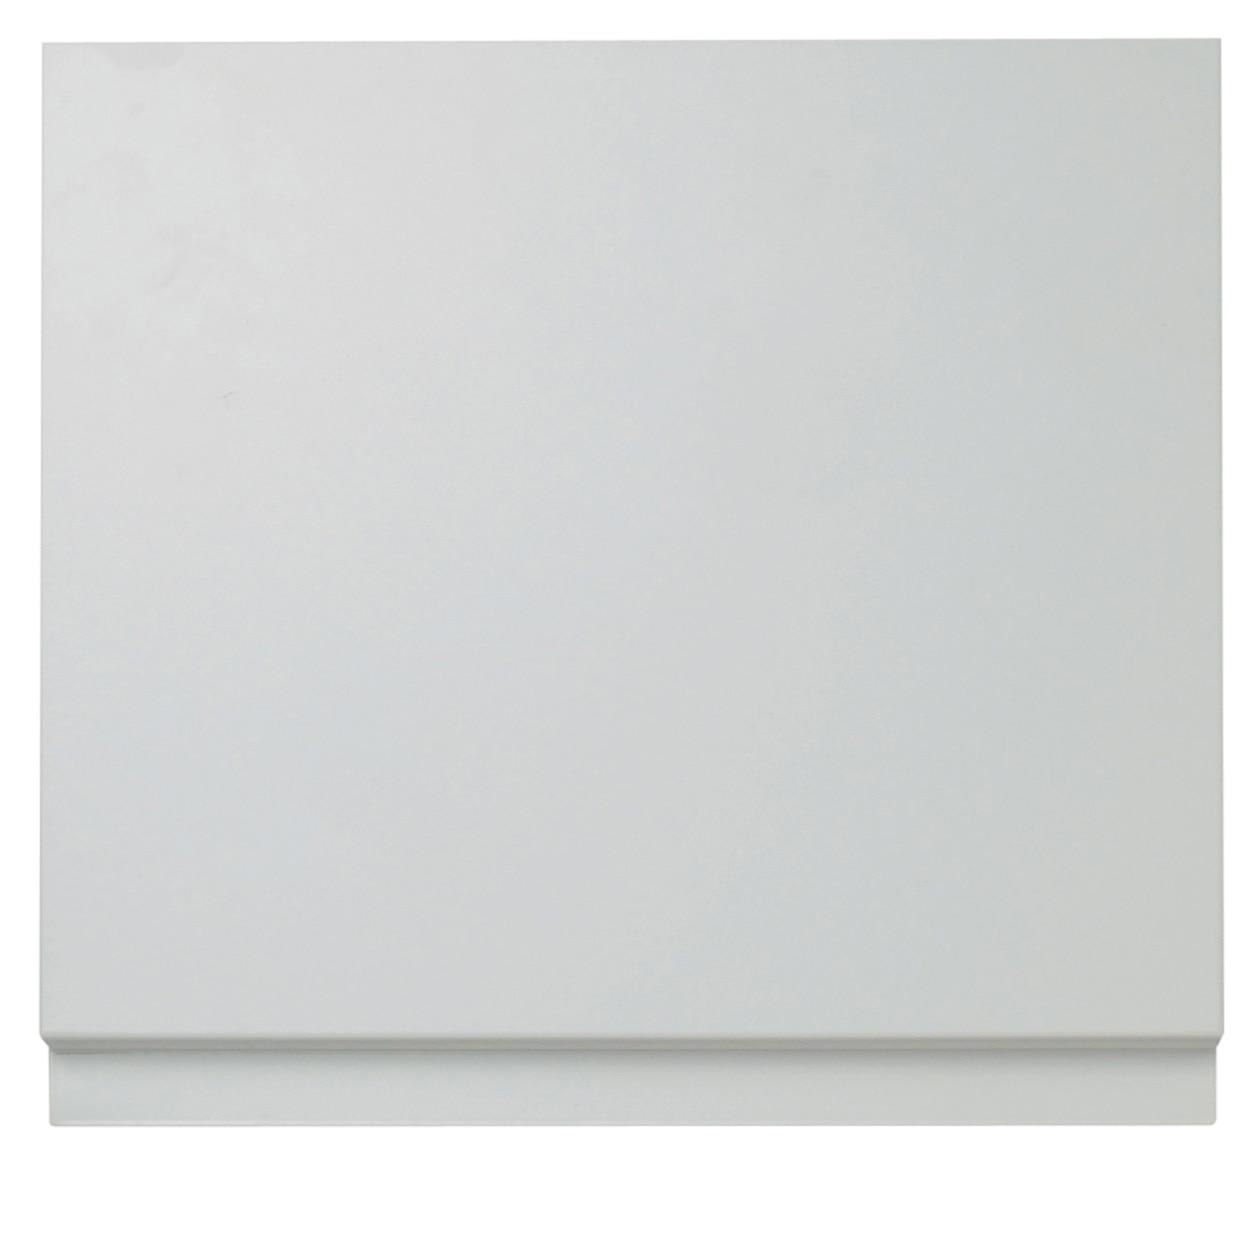 RoomClip商品情報 - スチールユニットシェルフ・スチールサイドパネル・小・グレー